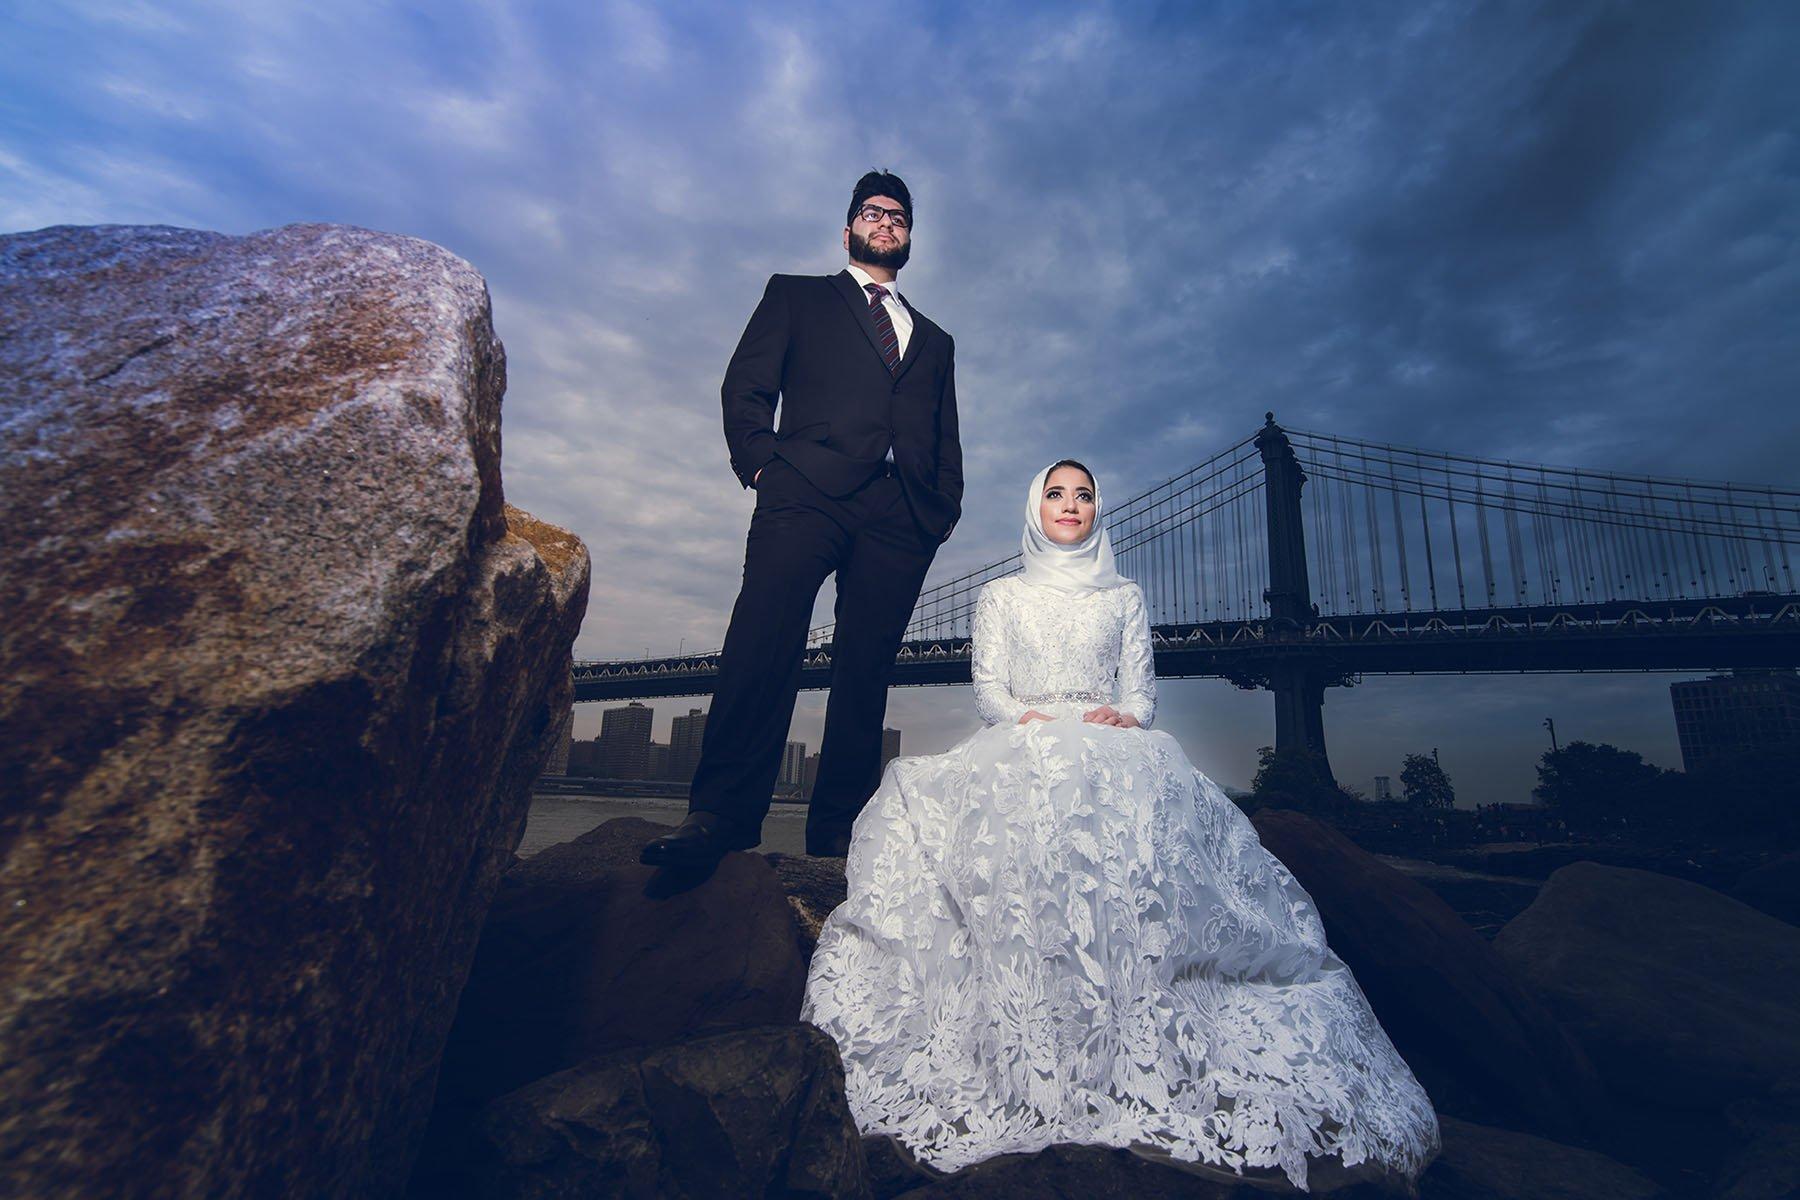 DUMBO-Waterfront-Engagement-Photo Engagement